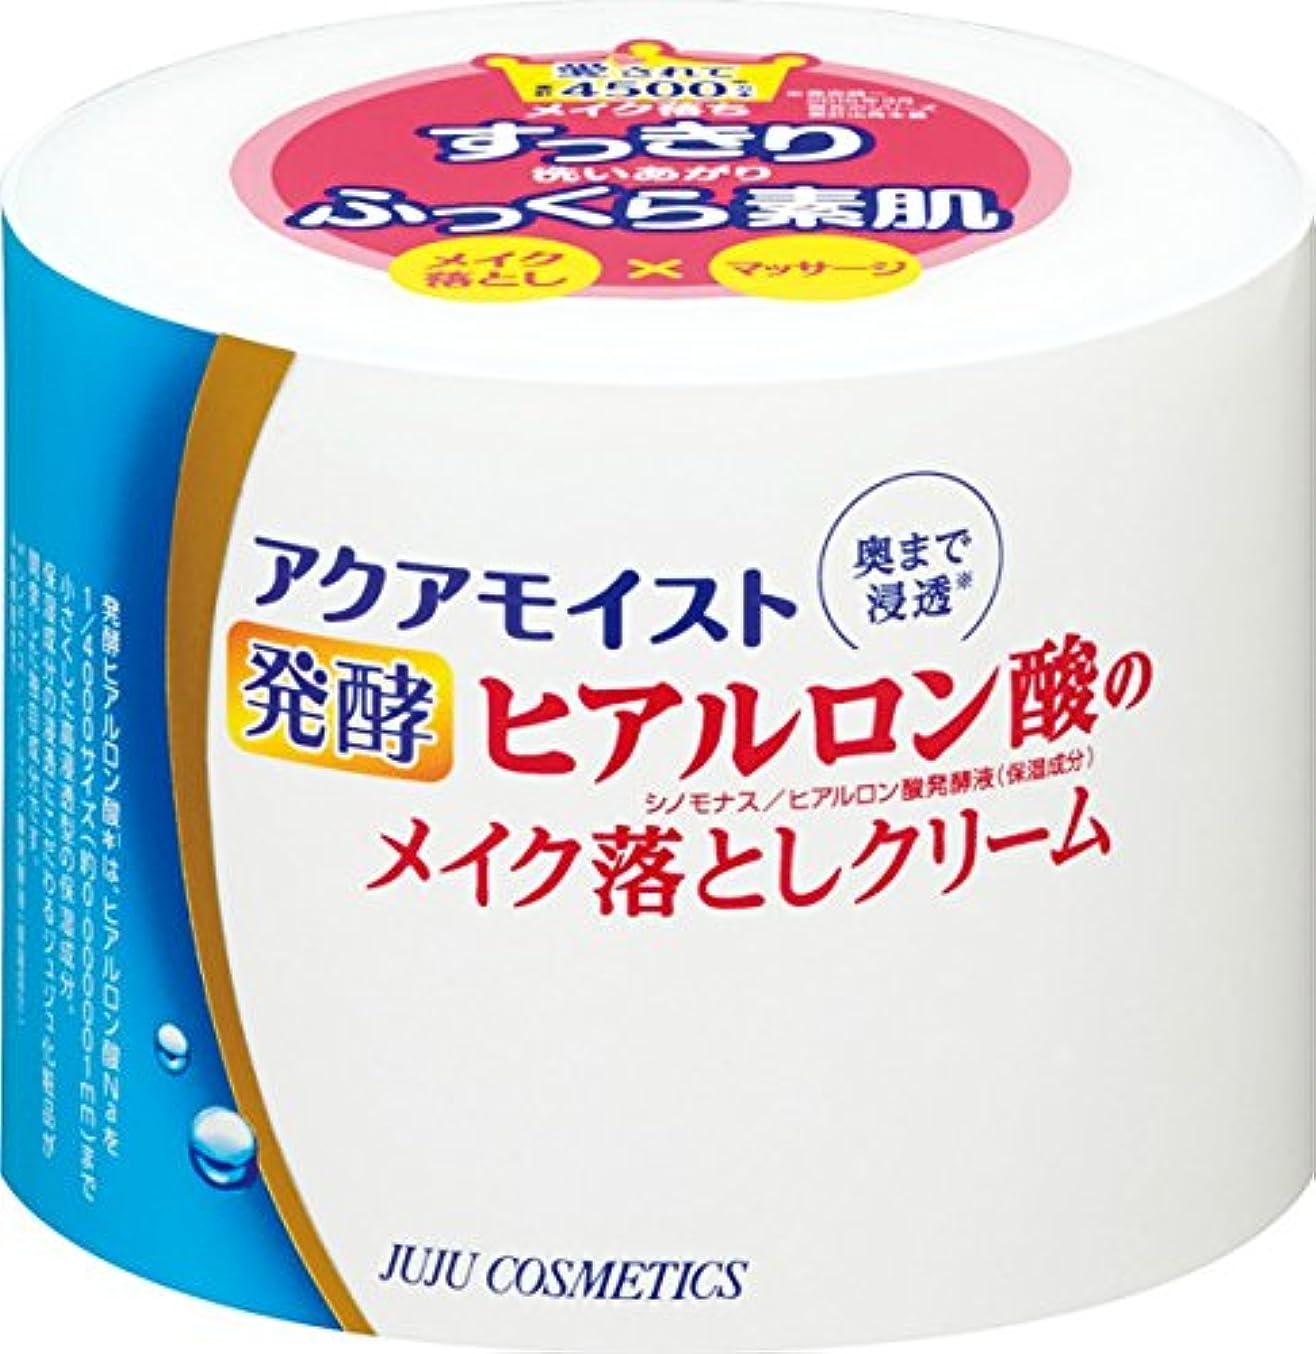 任命素晴らしさ電池アクアモイスト 発酵ヒアルロン酸のメイク落としクリーム 160g